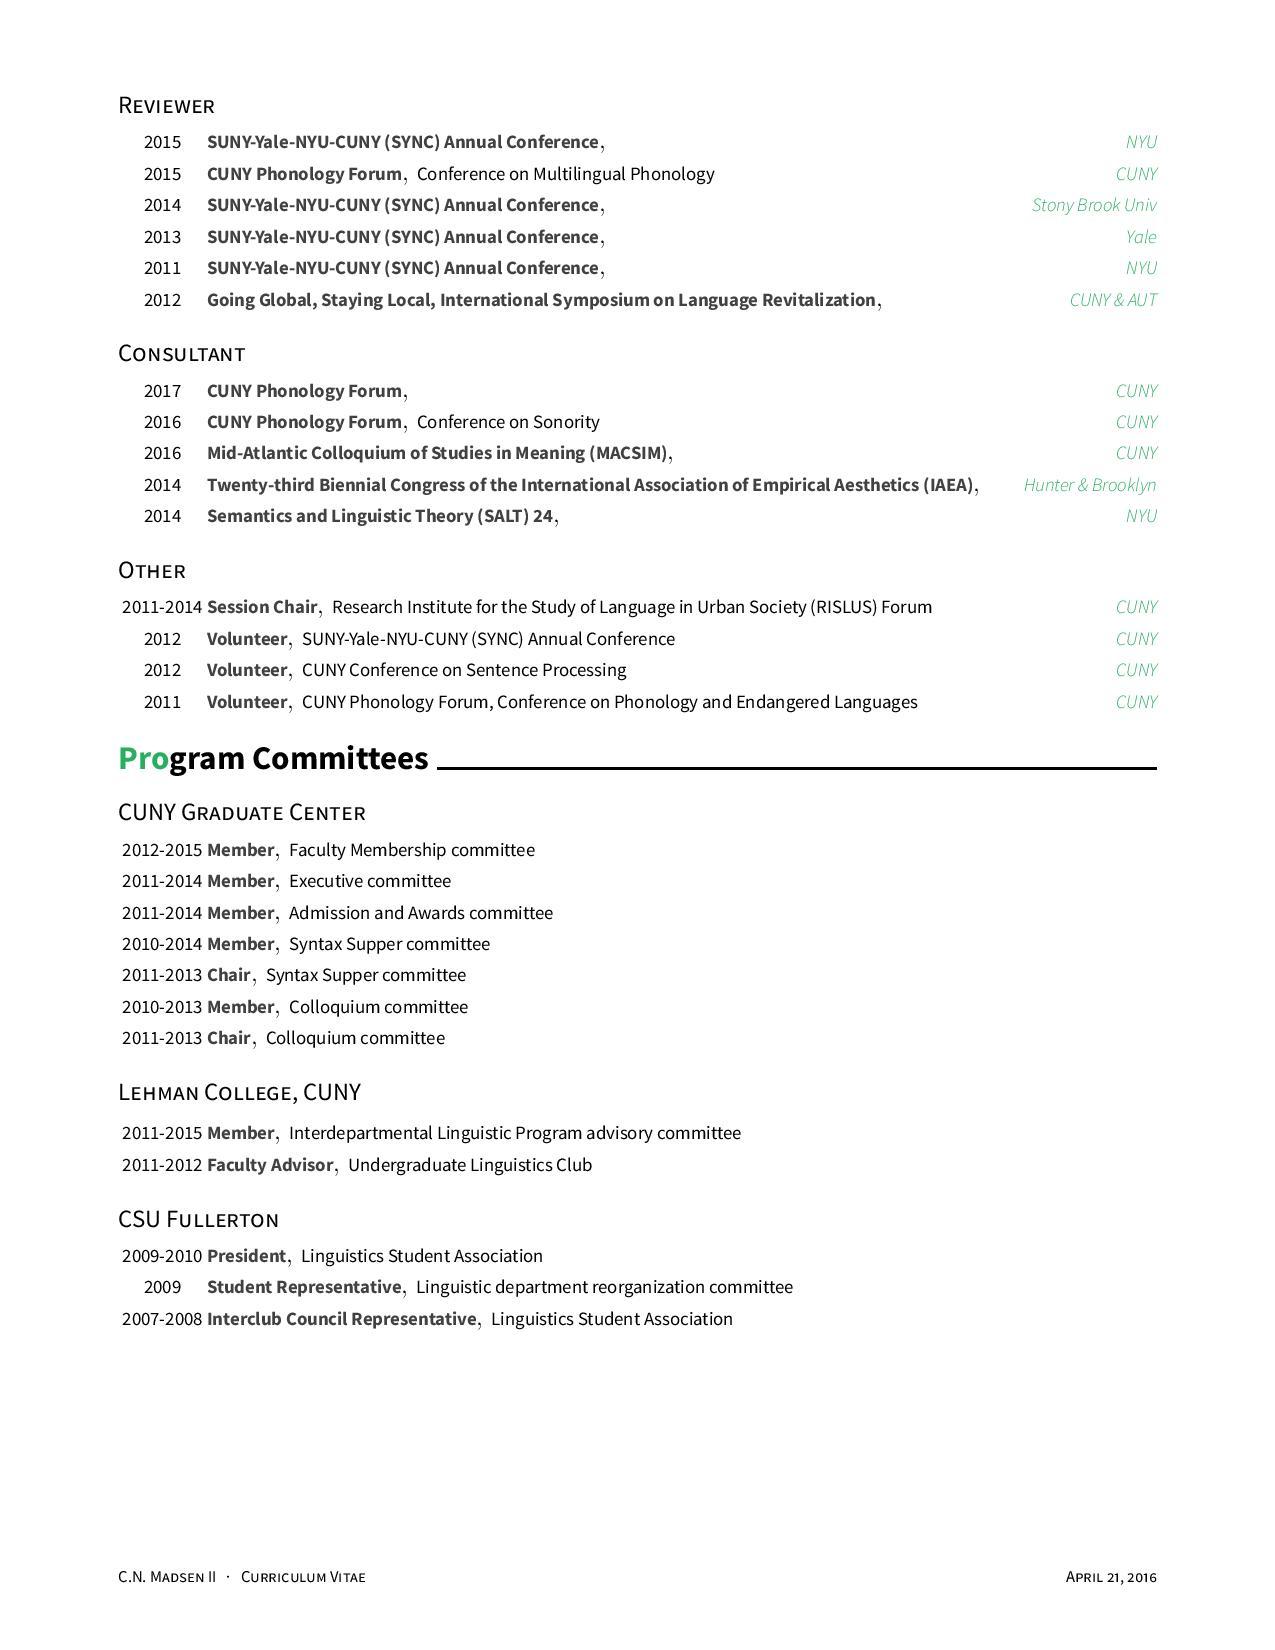 Madsen_CV_20160421-page-009